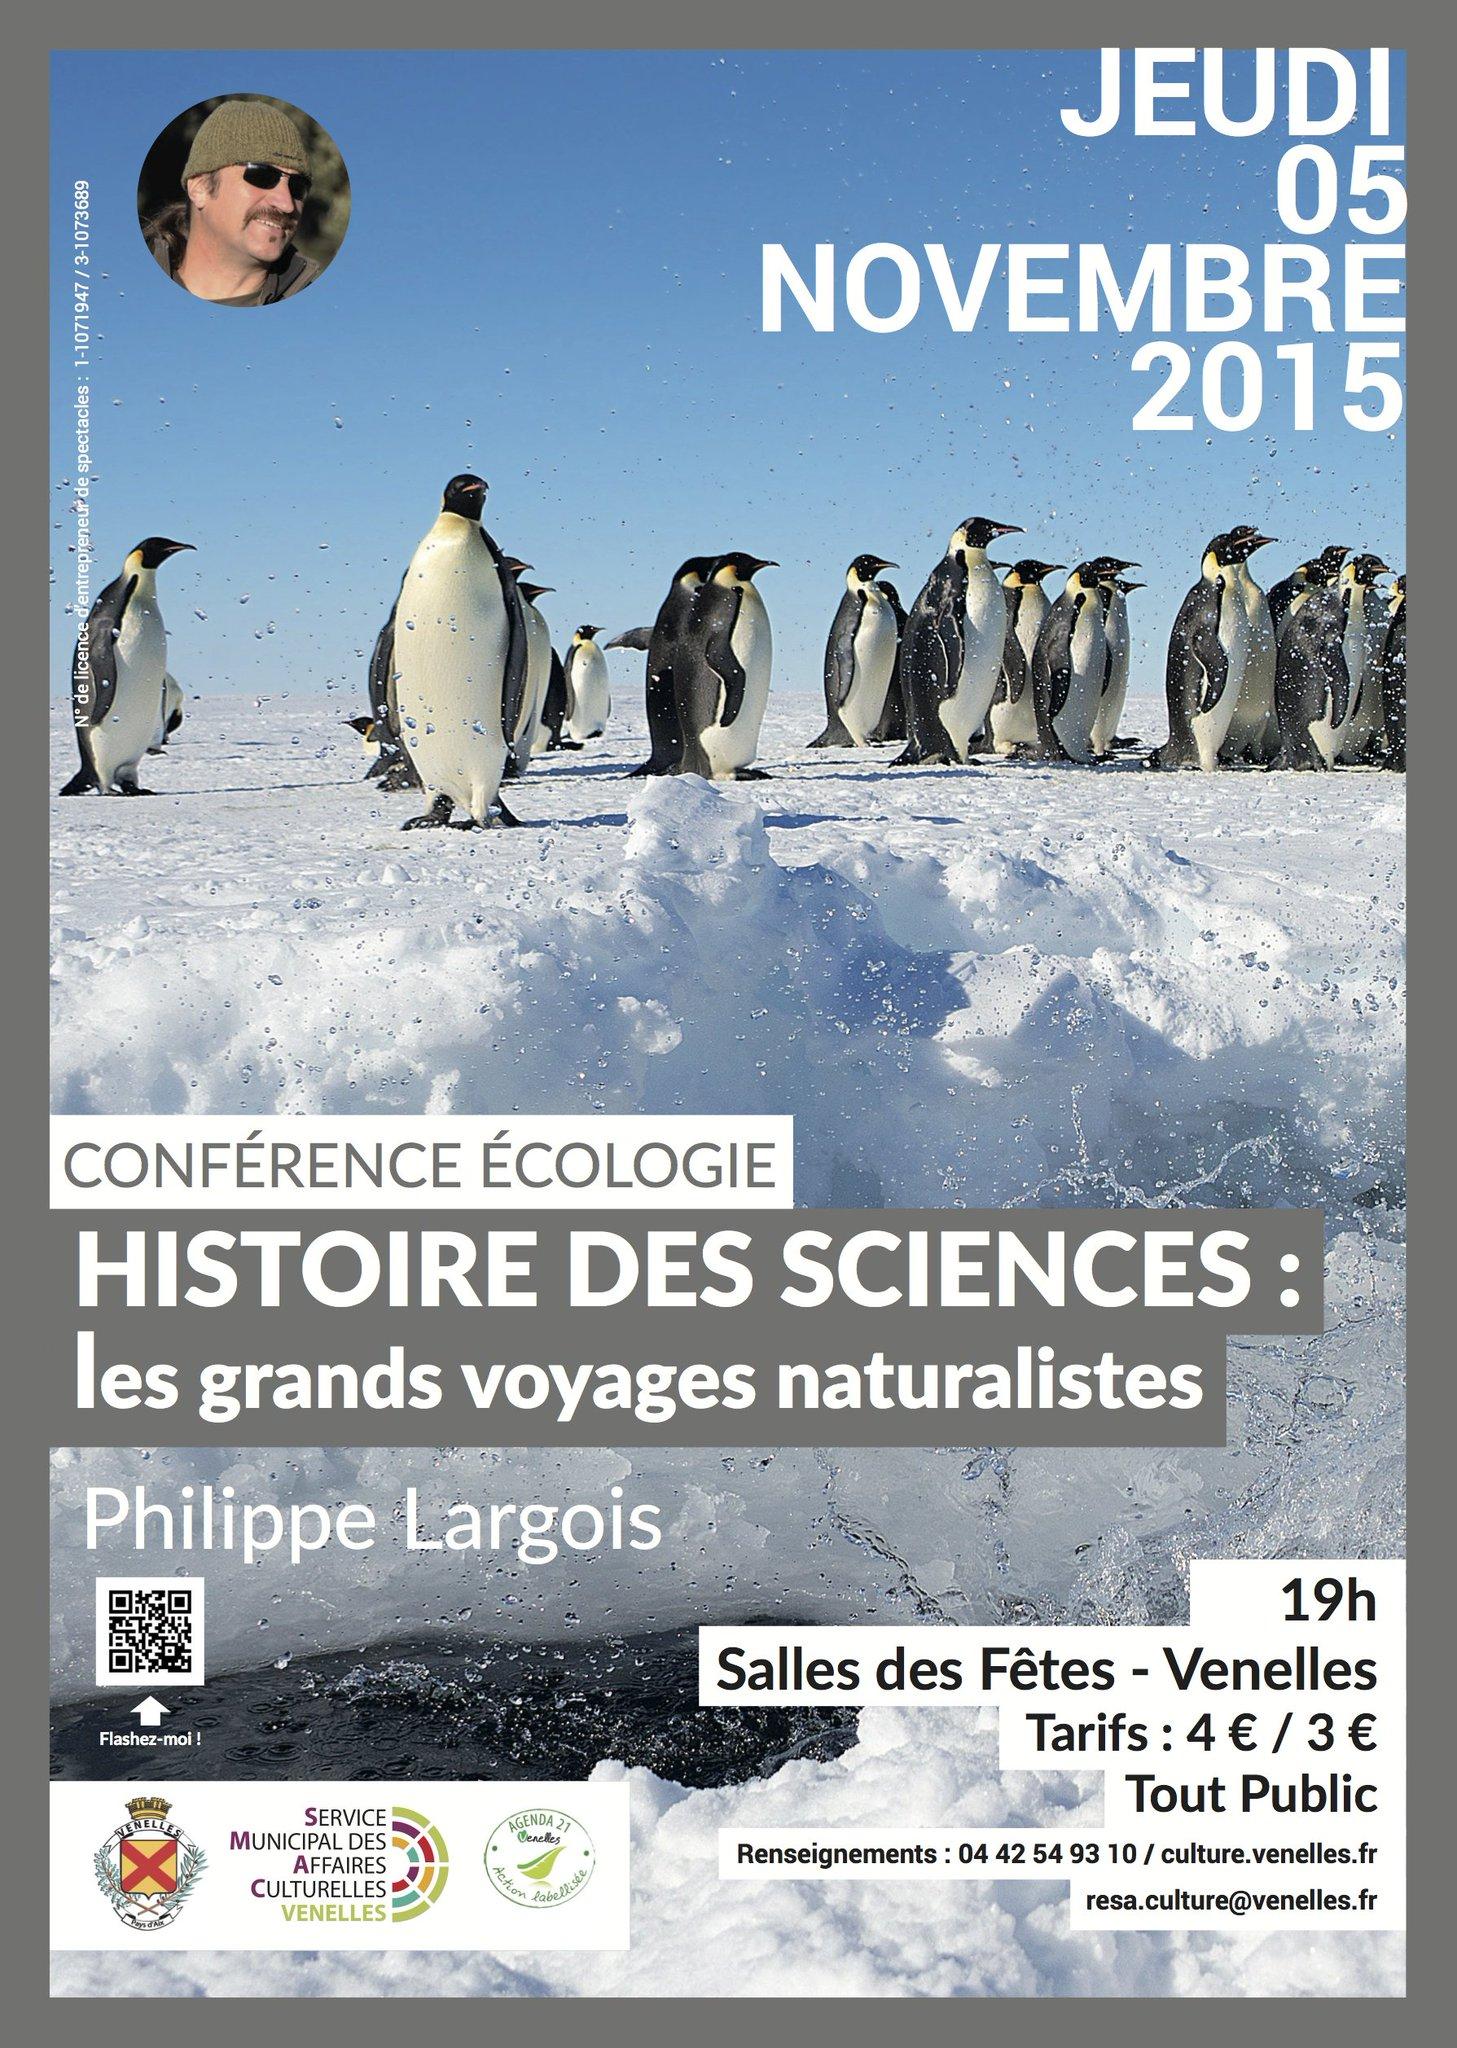 #ecologie Tour d'horizon des plus grands voyages naturalistes avec Philippe Largois, paléoécologue !  #COP21 https://t.co/VYnJR9bwEw